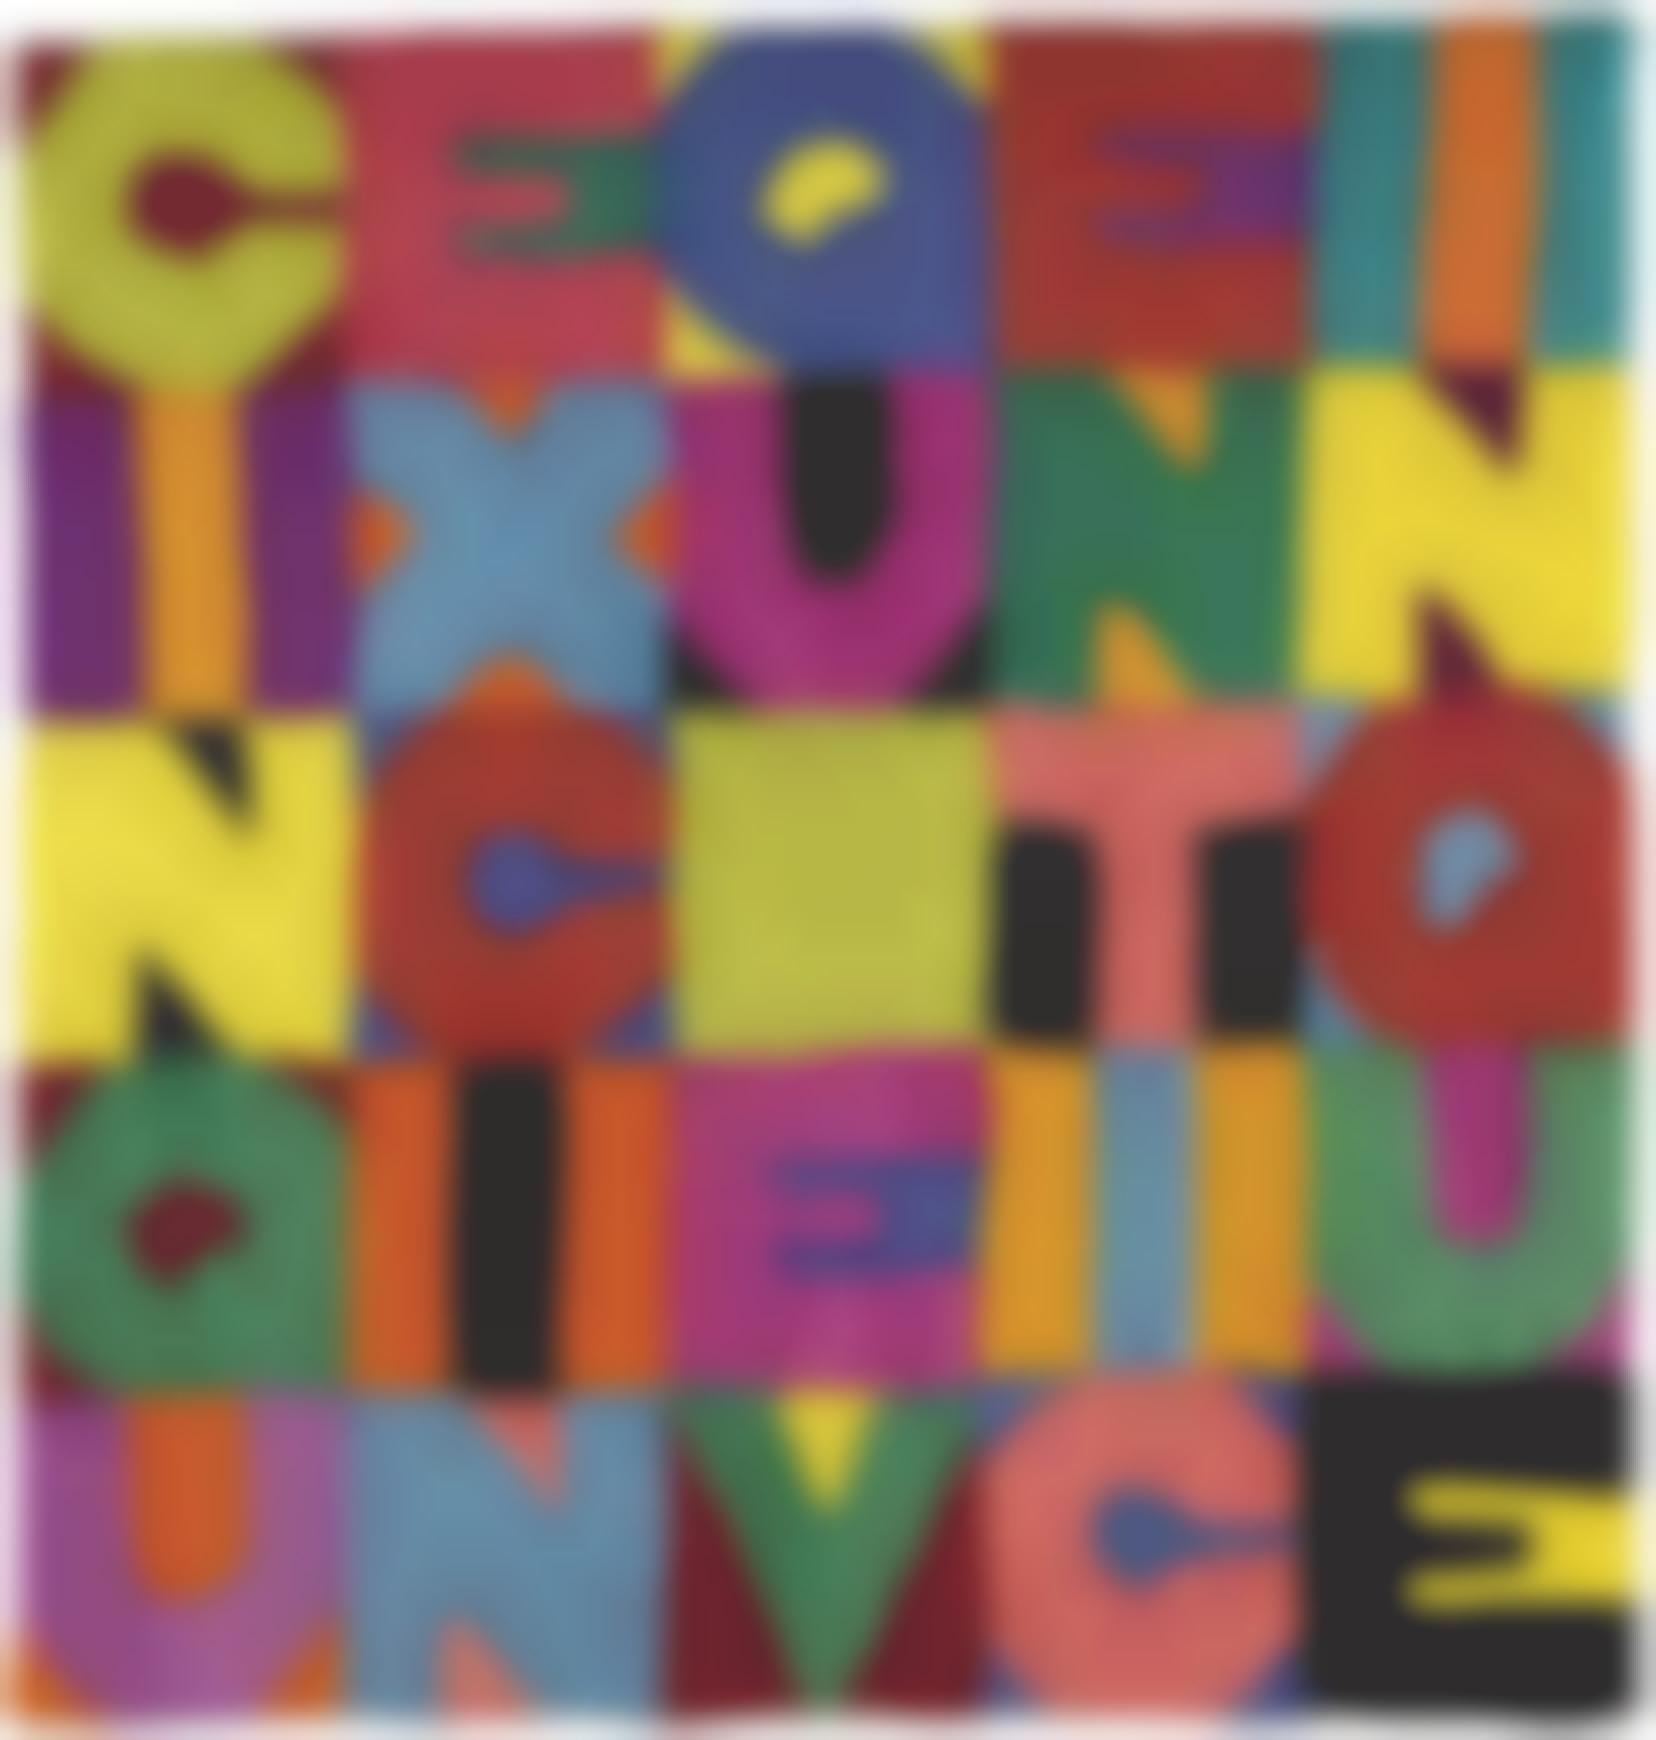 Alighiero Boetti-Cinque X Cinque E Venticinque-1988